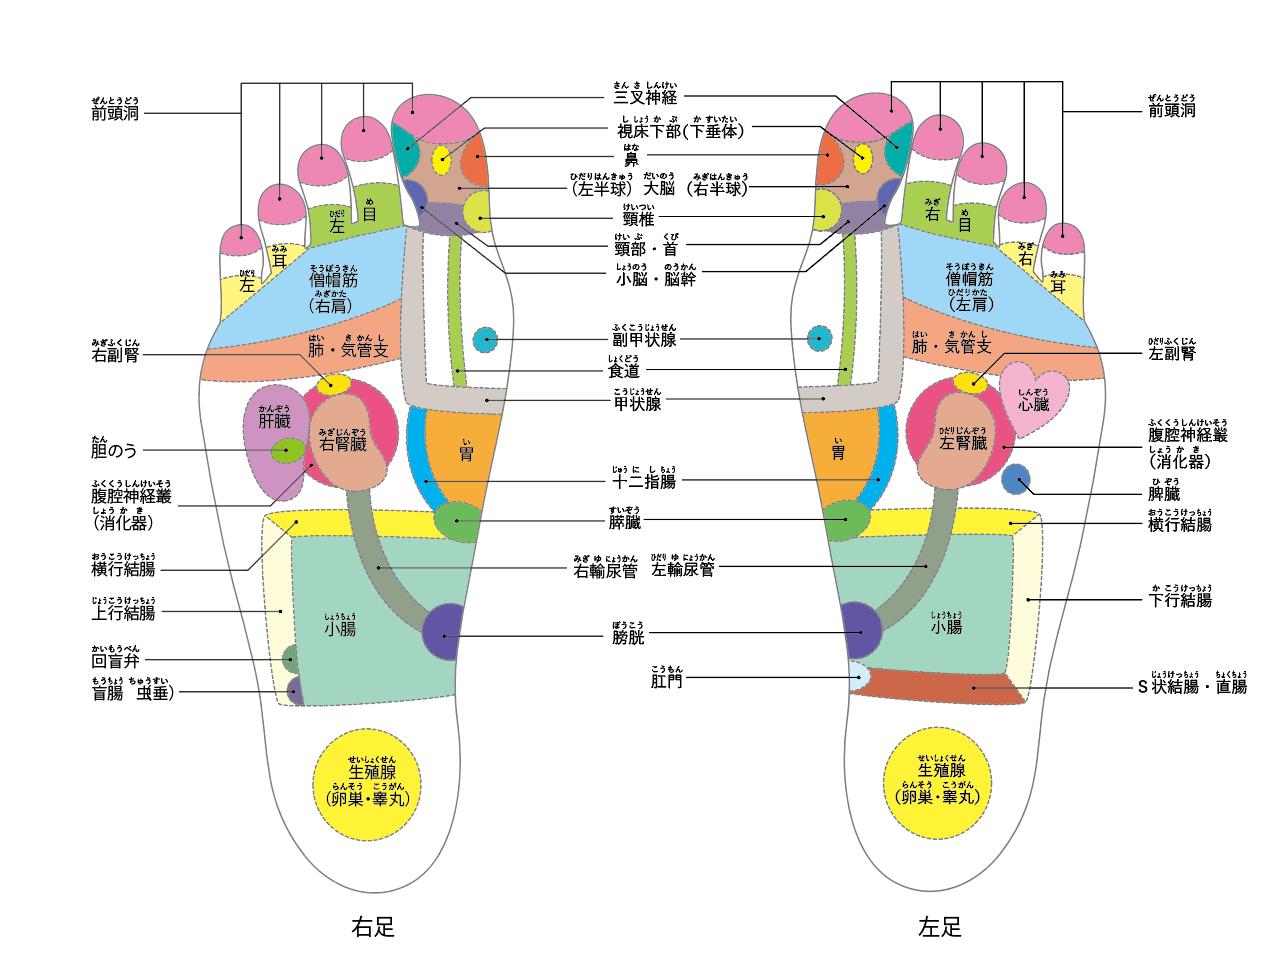 足裏のゾーンマップ